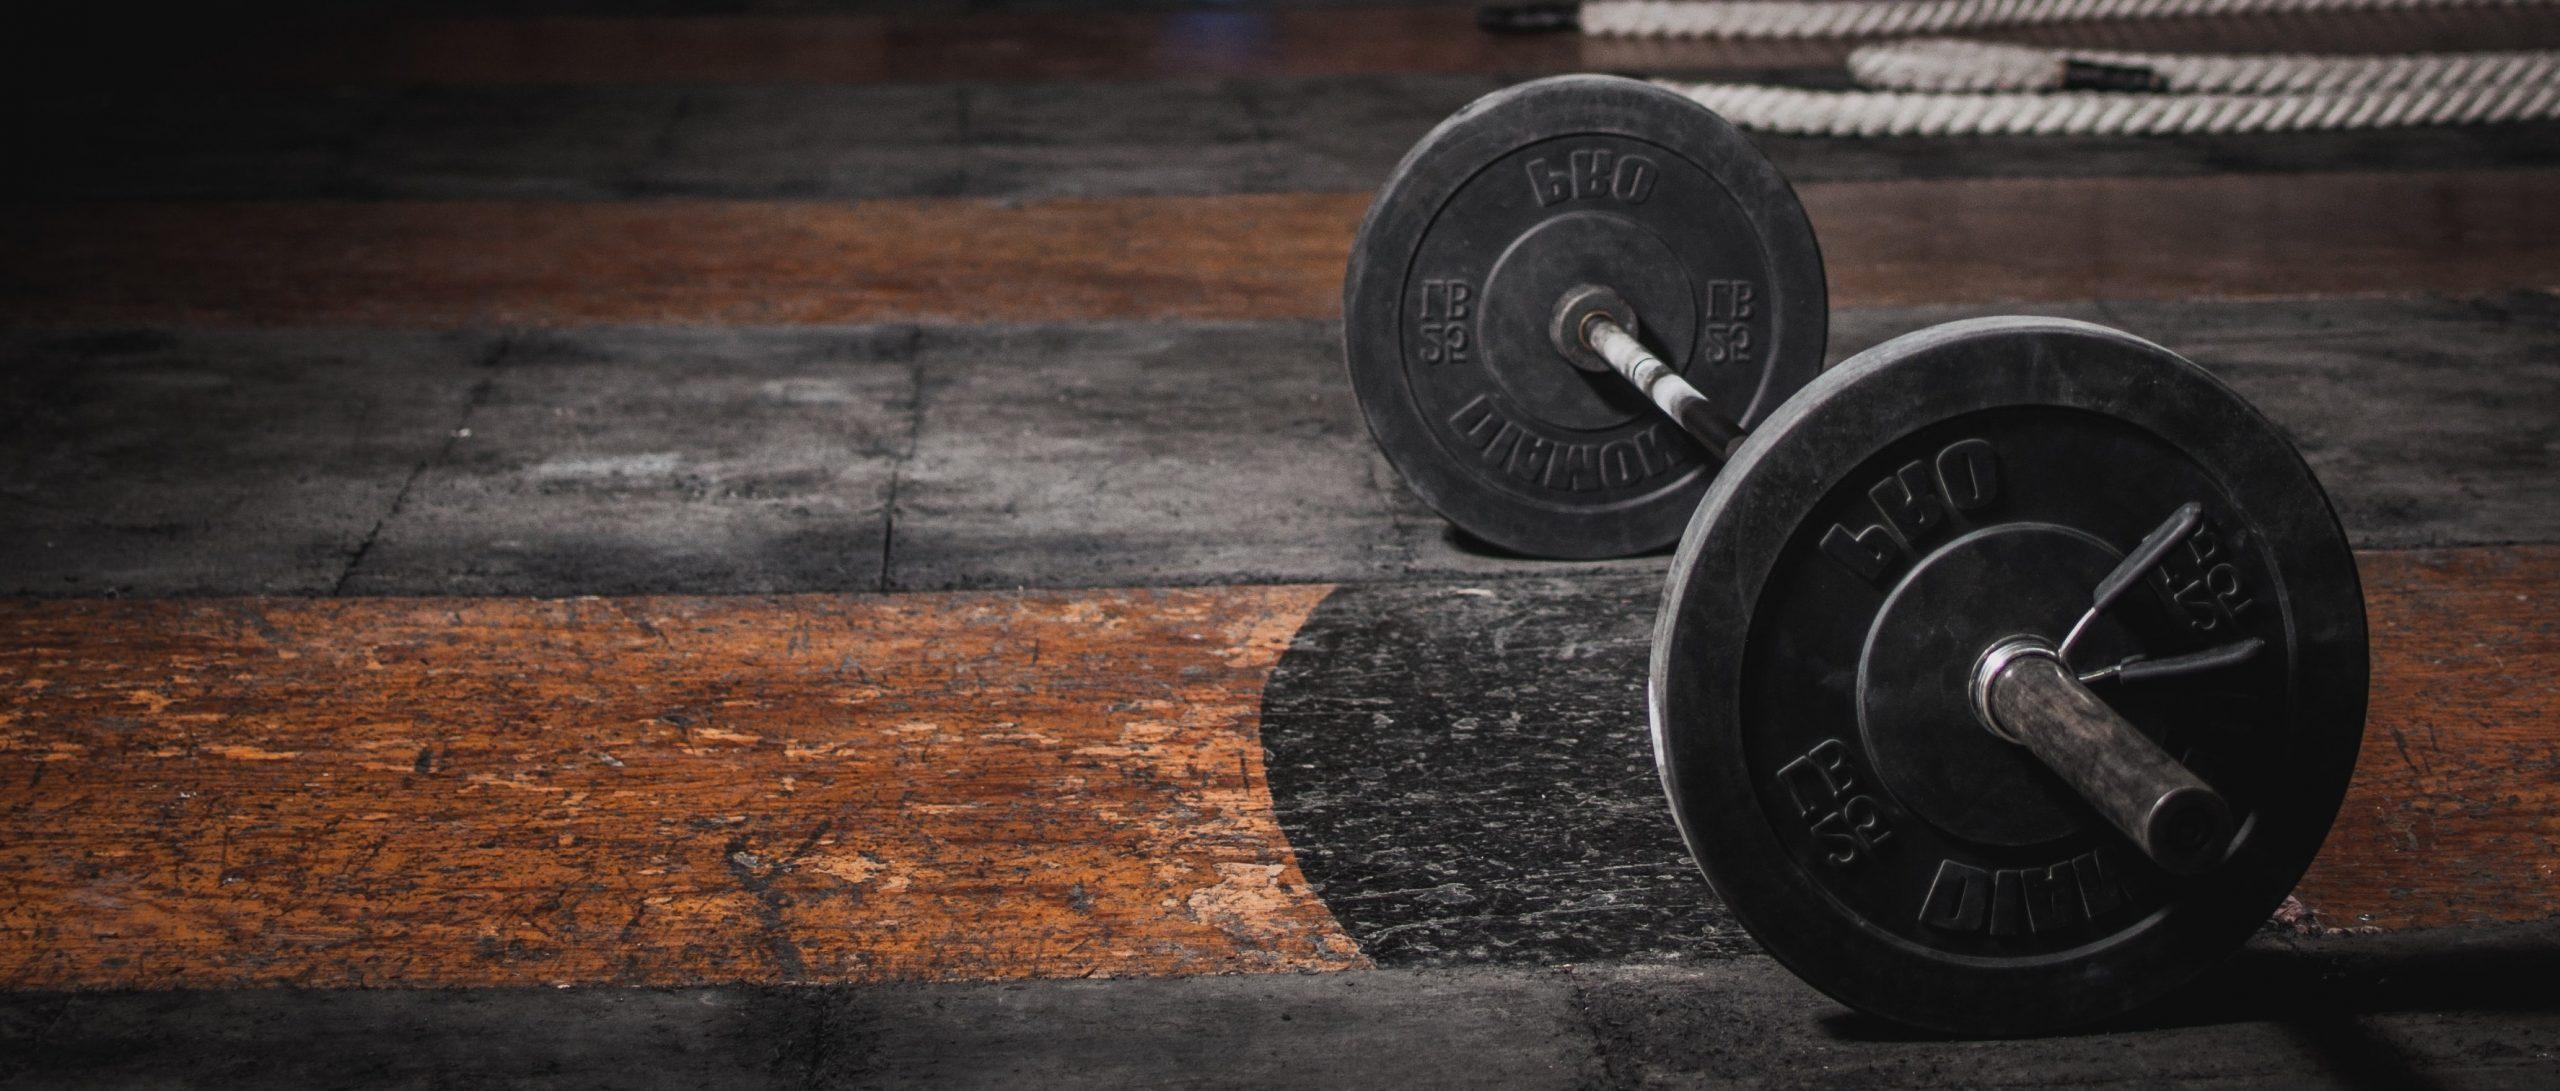 PERSONAL TRAINING IN UTRECHT''Ik help jou om voor altijd fit te blijven metleuke, uitdagende trainingen en gevarieerde voeding!''  GRATIS PROEFTRAINING